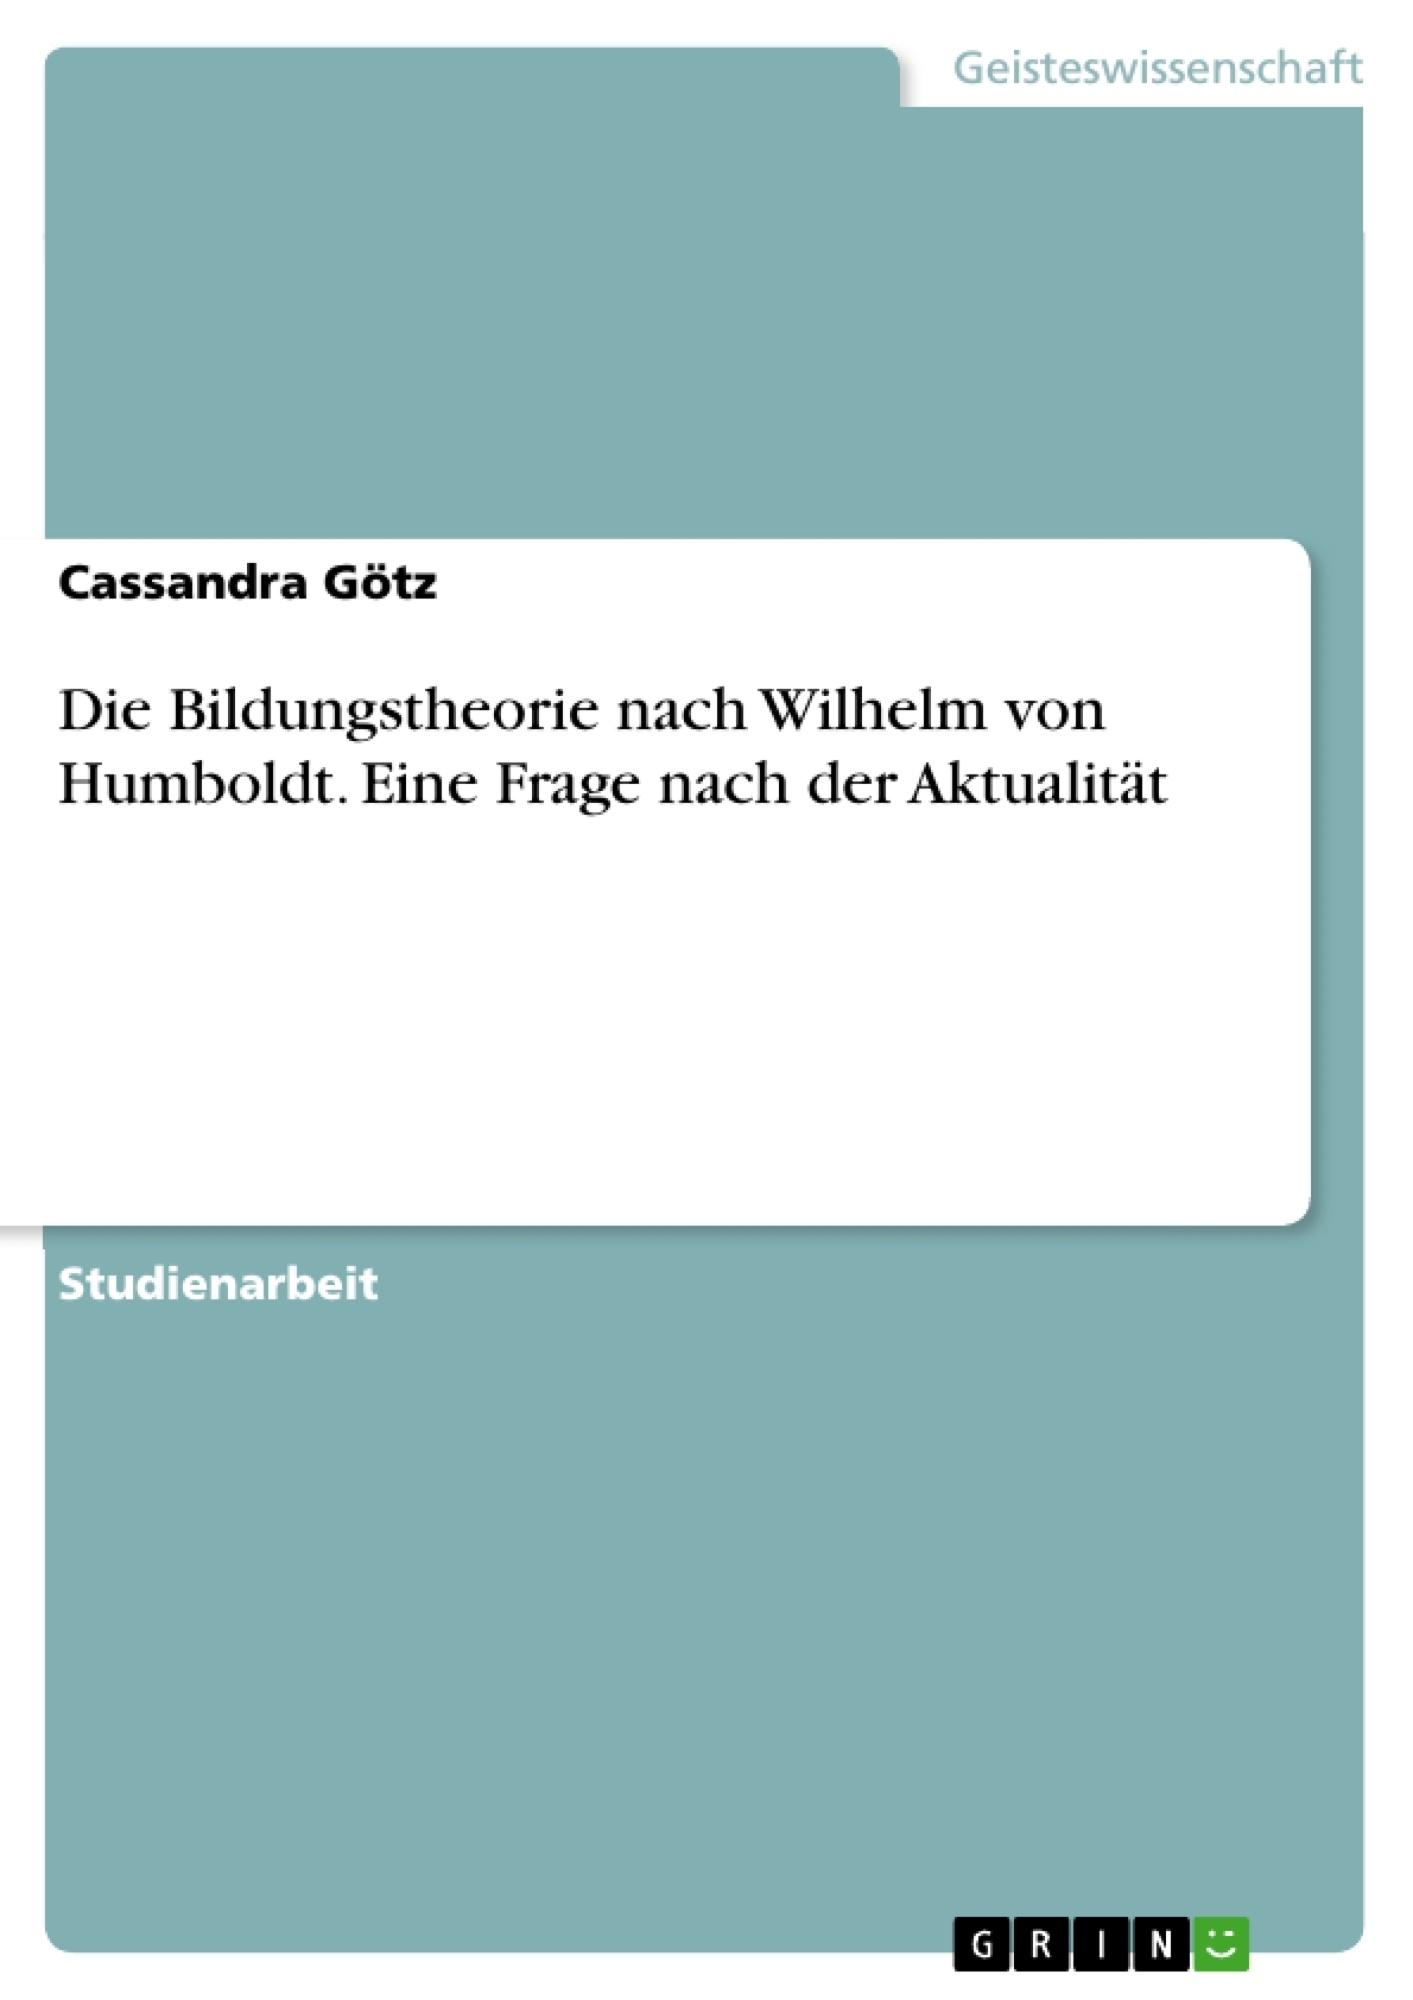 Titel: Die Bildungstheorie nach Wilhelm von Humboldt. Eine Frage nach der Aktualität